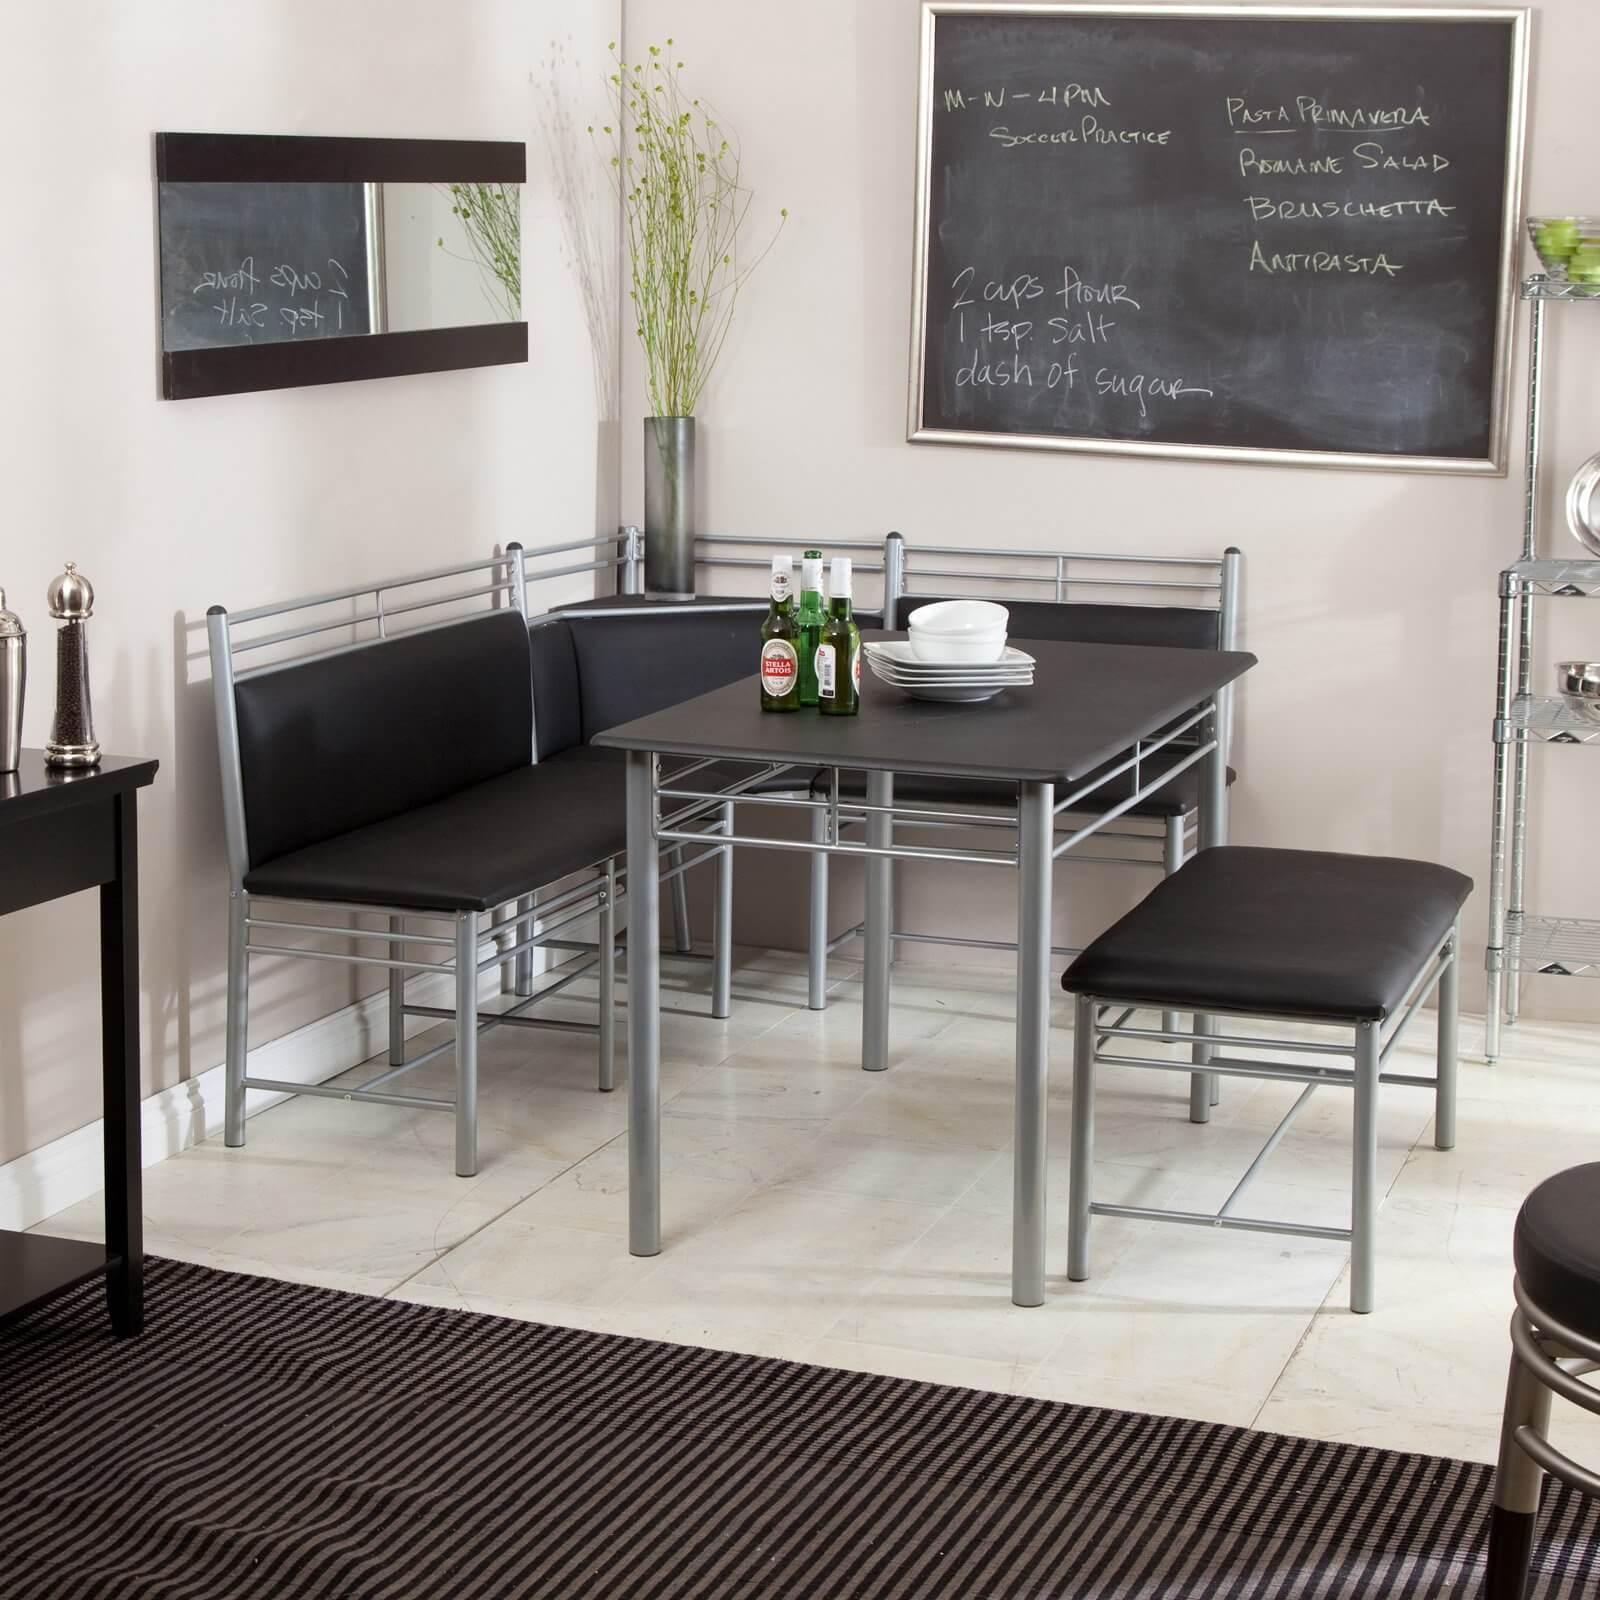 breakfast nook furniture sets kitchen tables sets Modern Breakfast Nook Set